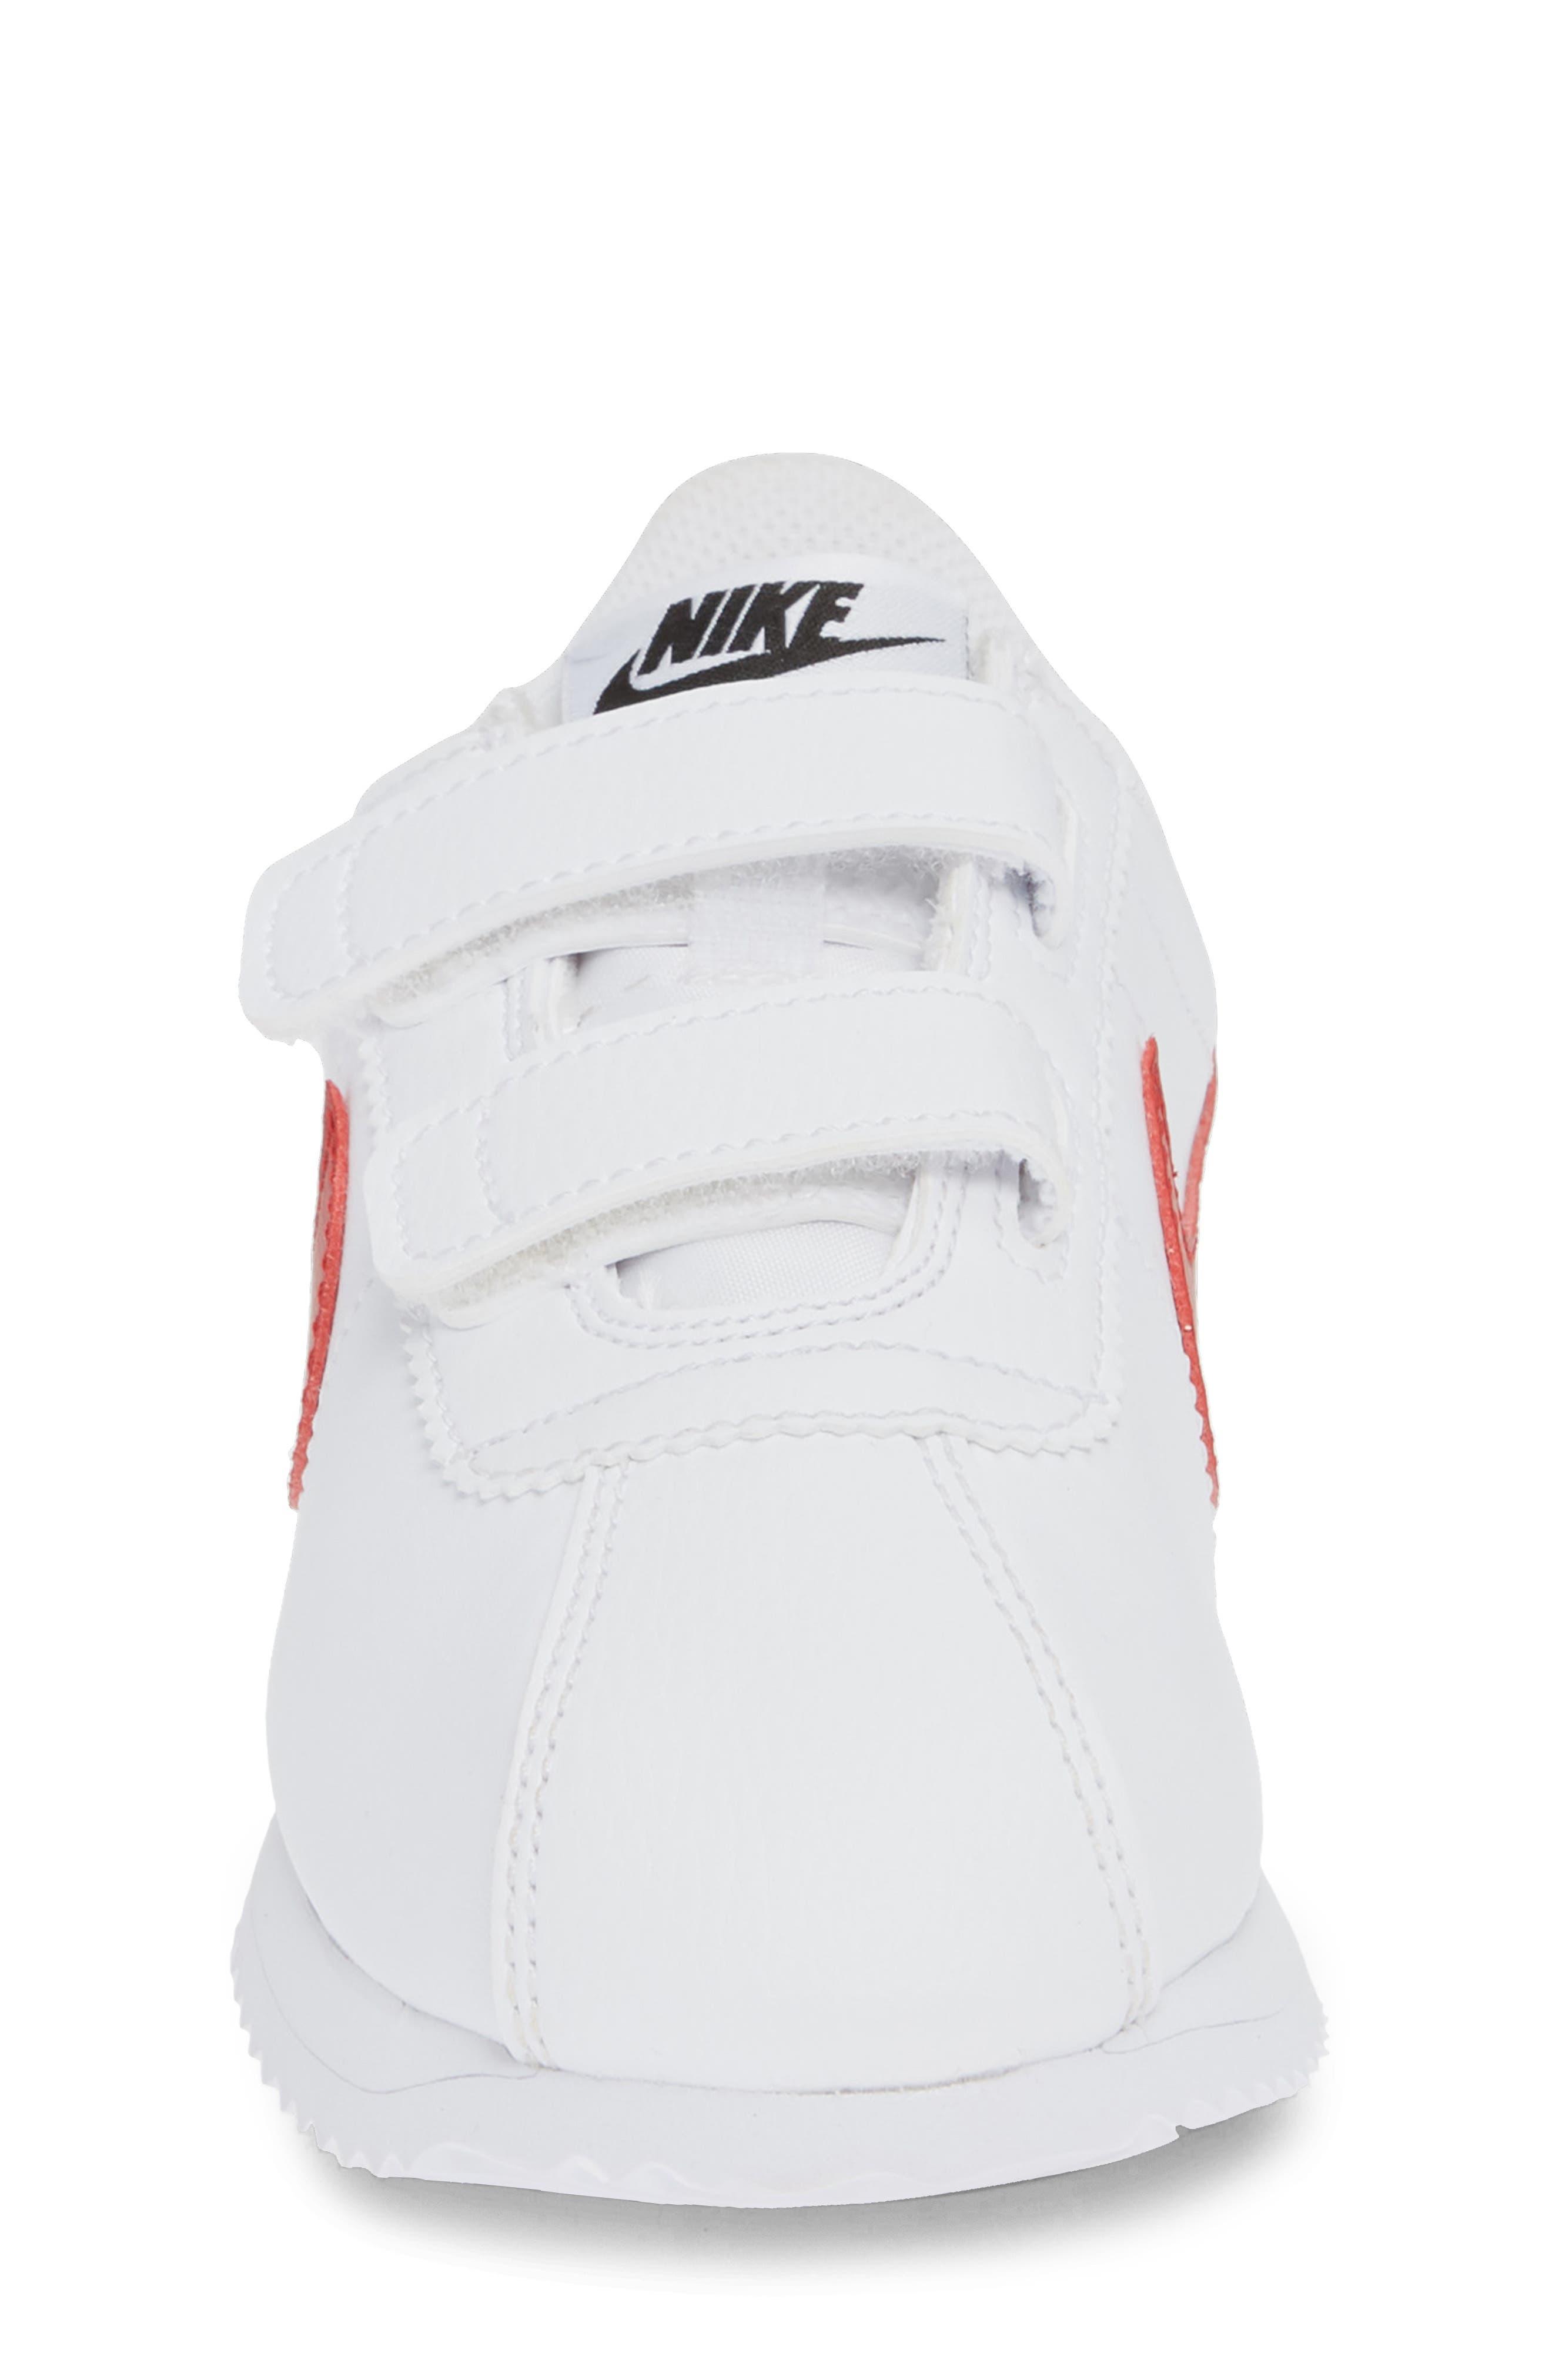 NIKE, Cortez Basic SL Sneaker, Alternate thumbnail 4, color, WHITE/ VARSITY RED/ BLACK